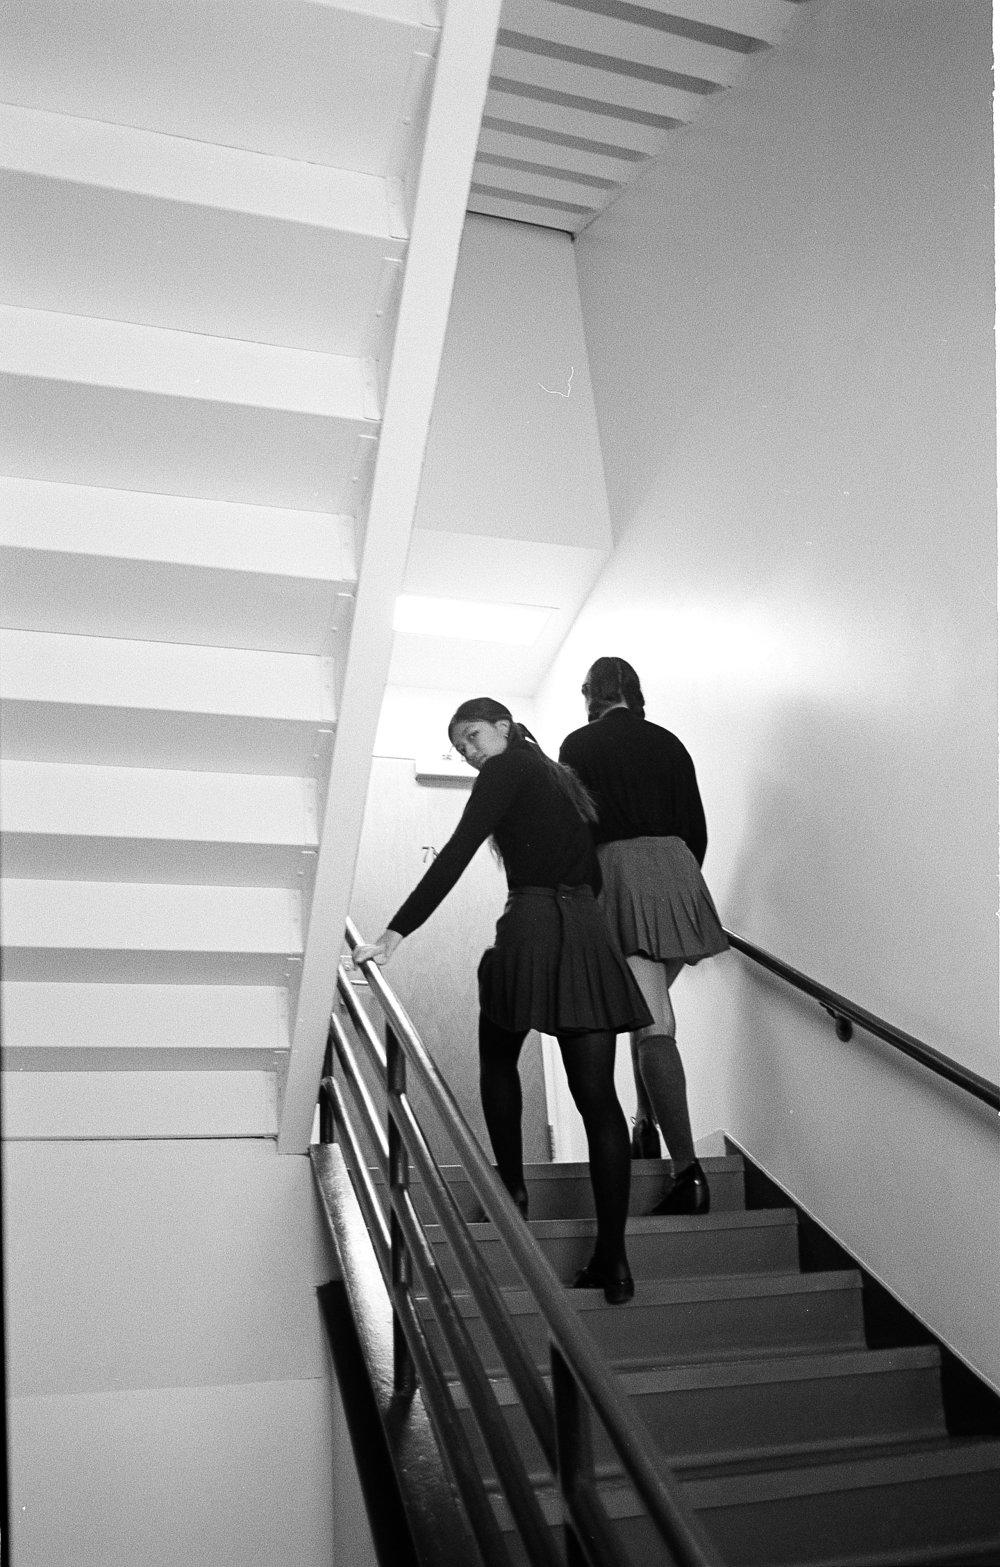 Copy of stairway.jpeg